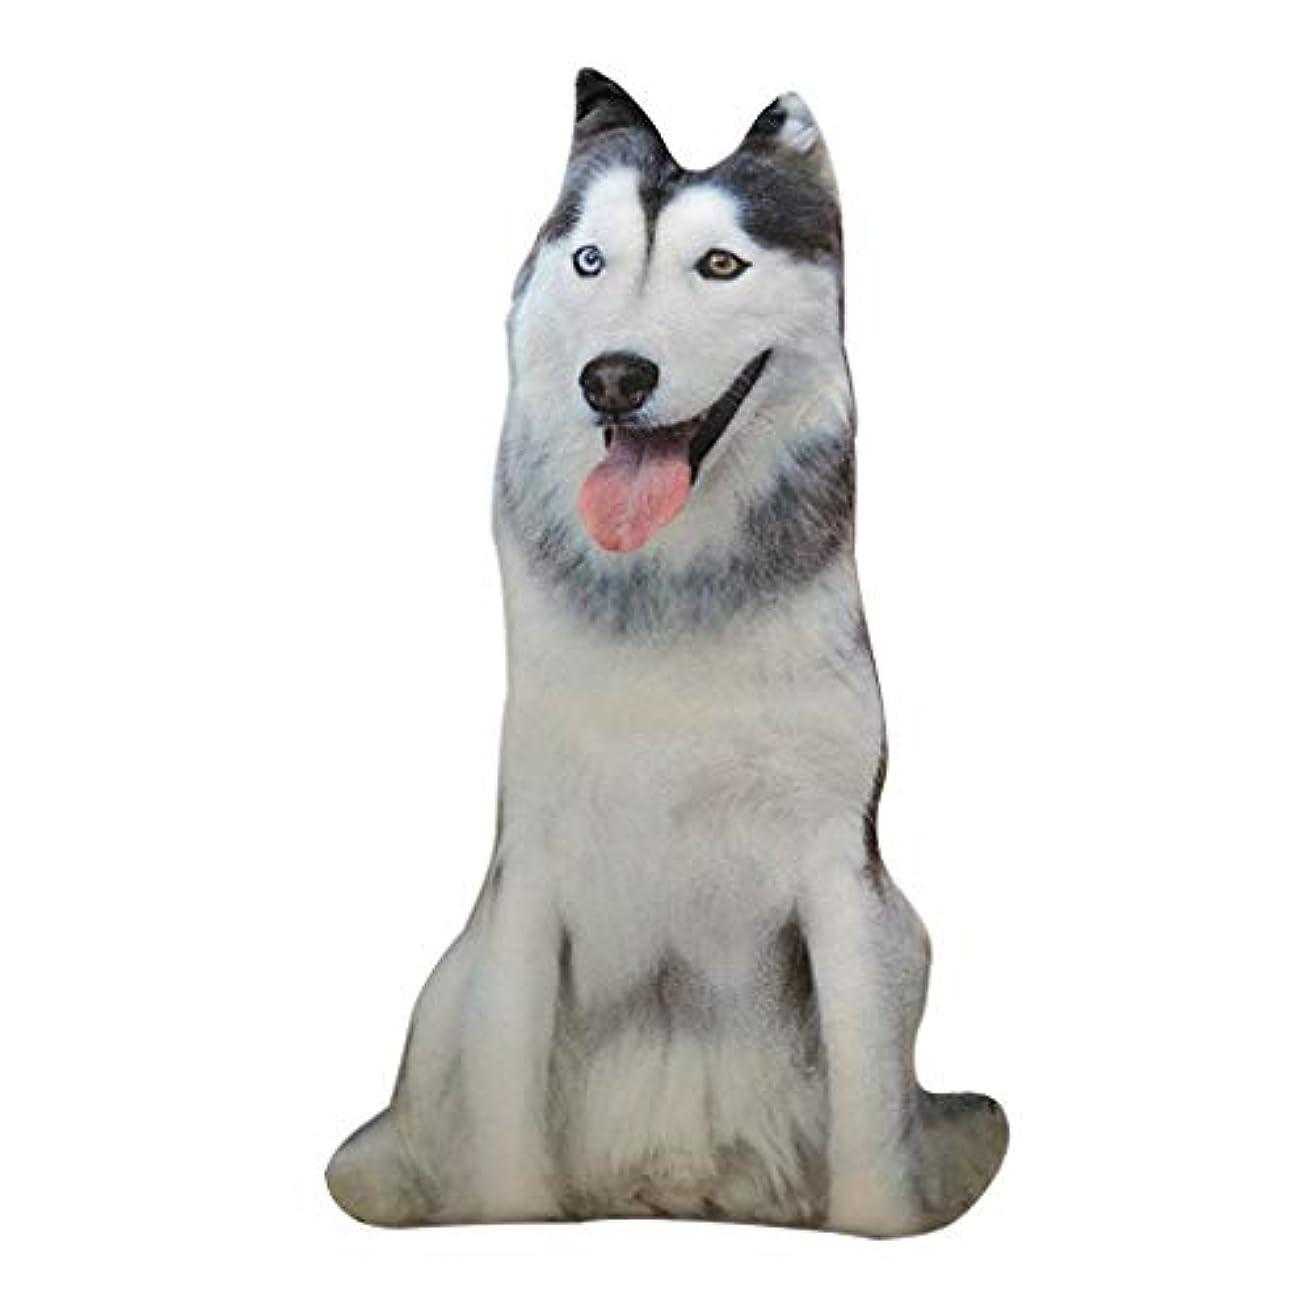 敬礼ギャンブル引退したLIFE 装飾クッションソファおかしい 3D 犬印刷スロー枕創造クッションかわいいぬいぐるみギフト家の装飾 coussin decoratif クッション 椅子